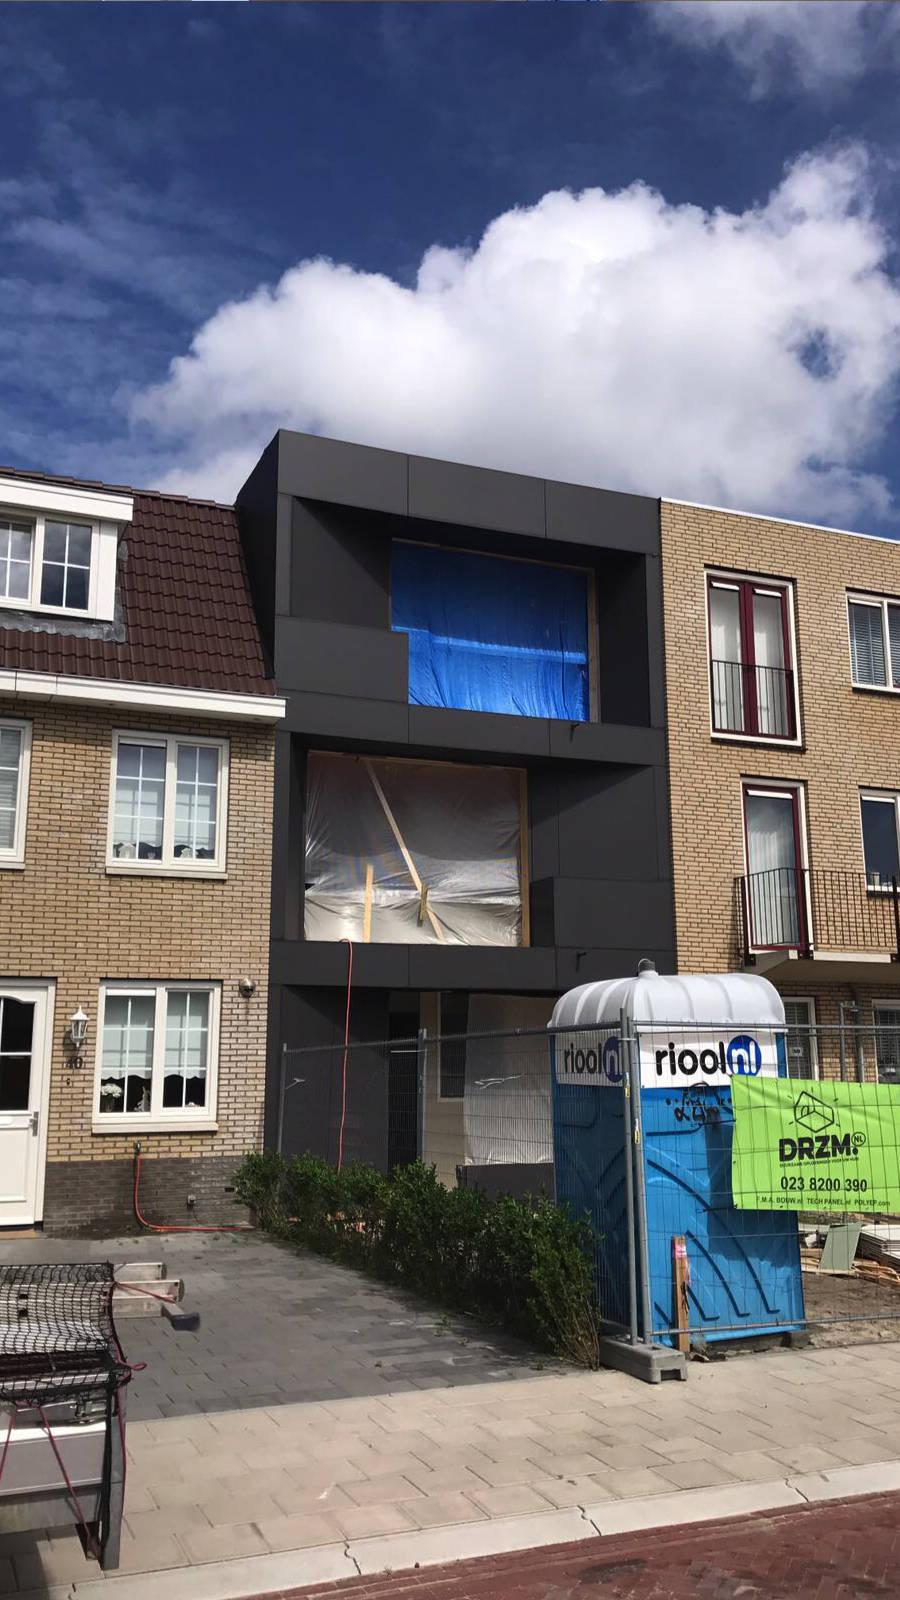 drzm-tussenwoning-den-haag-architect.jpg